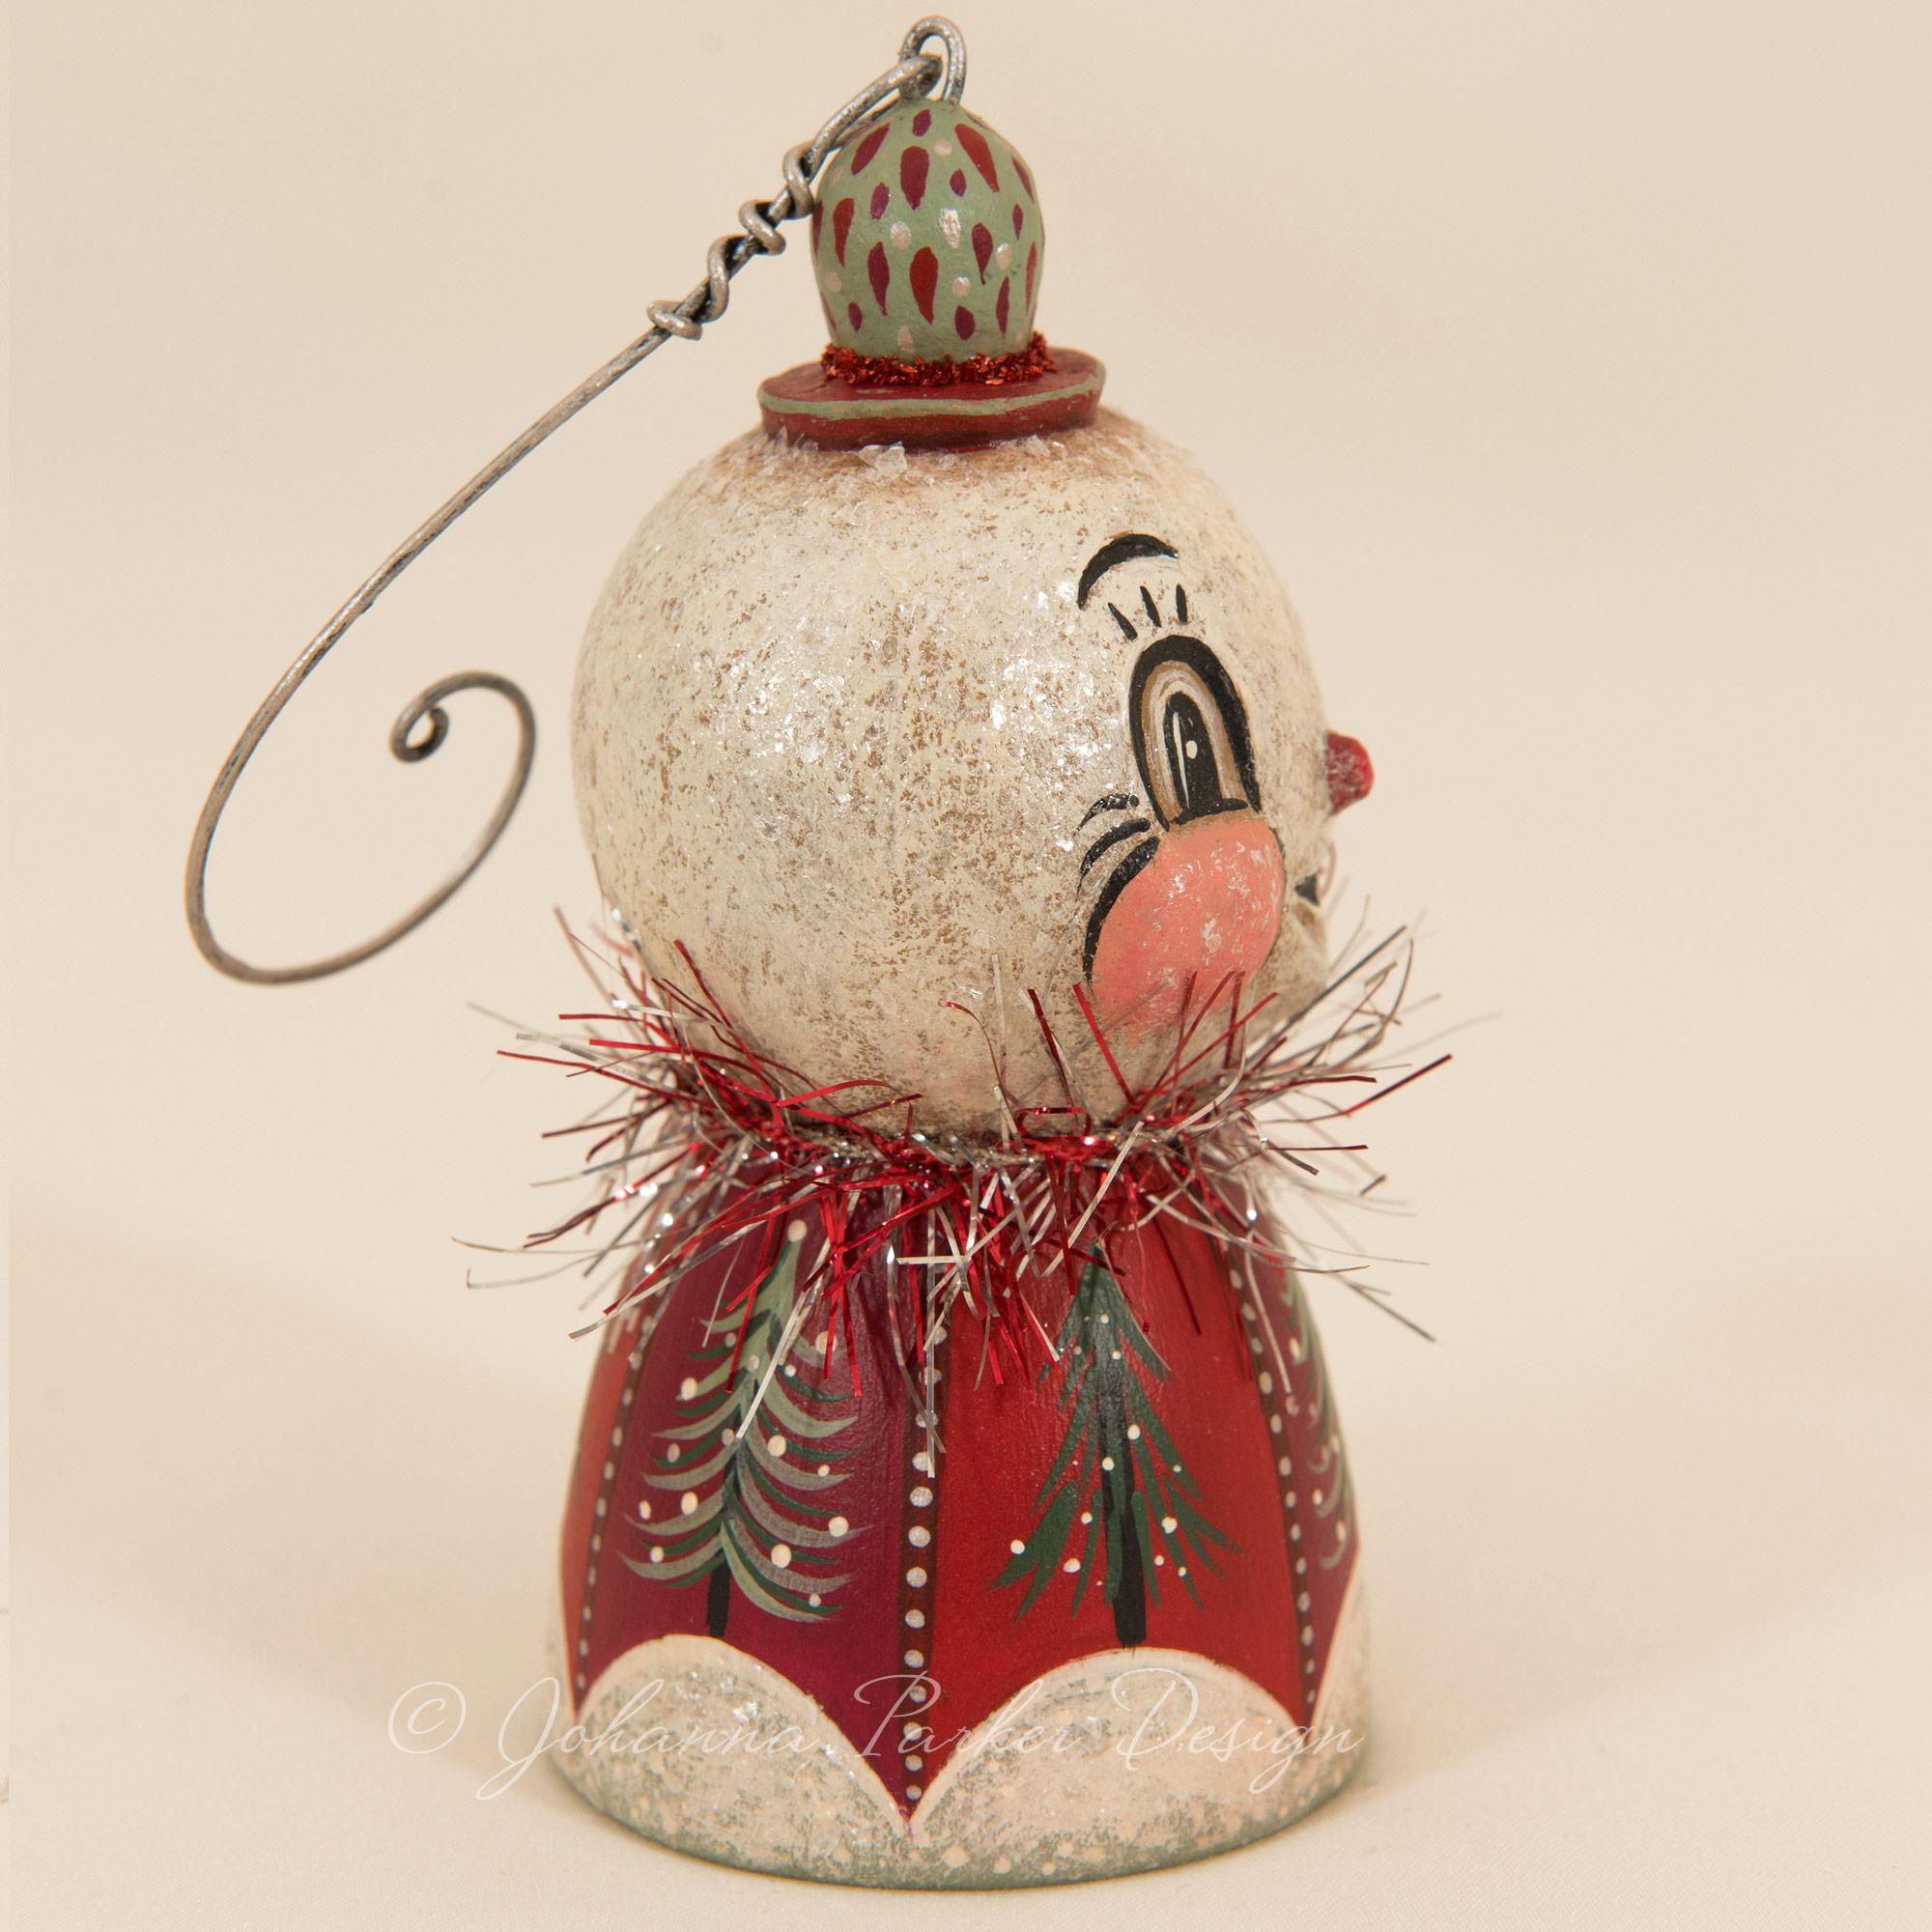 Johanna-Parker-Woodland-Snowman-Bell-Ornament-3.jpg